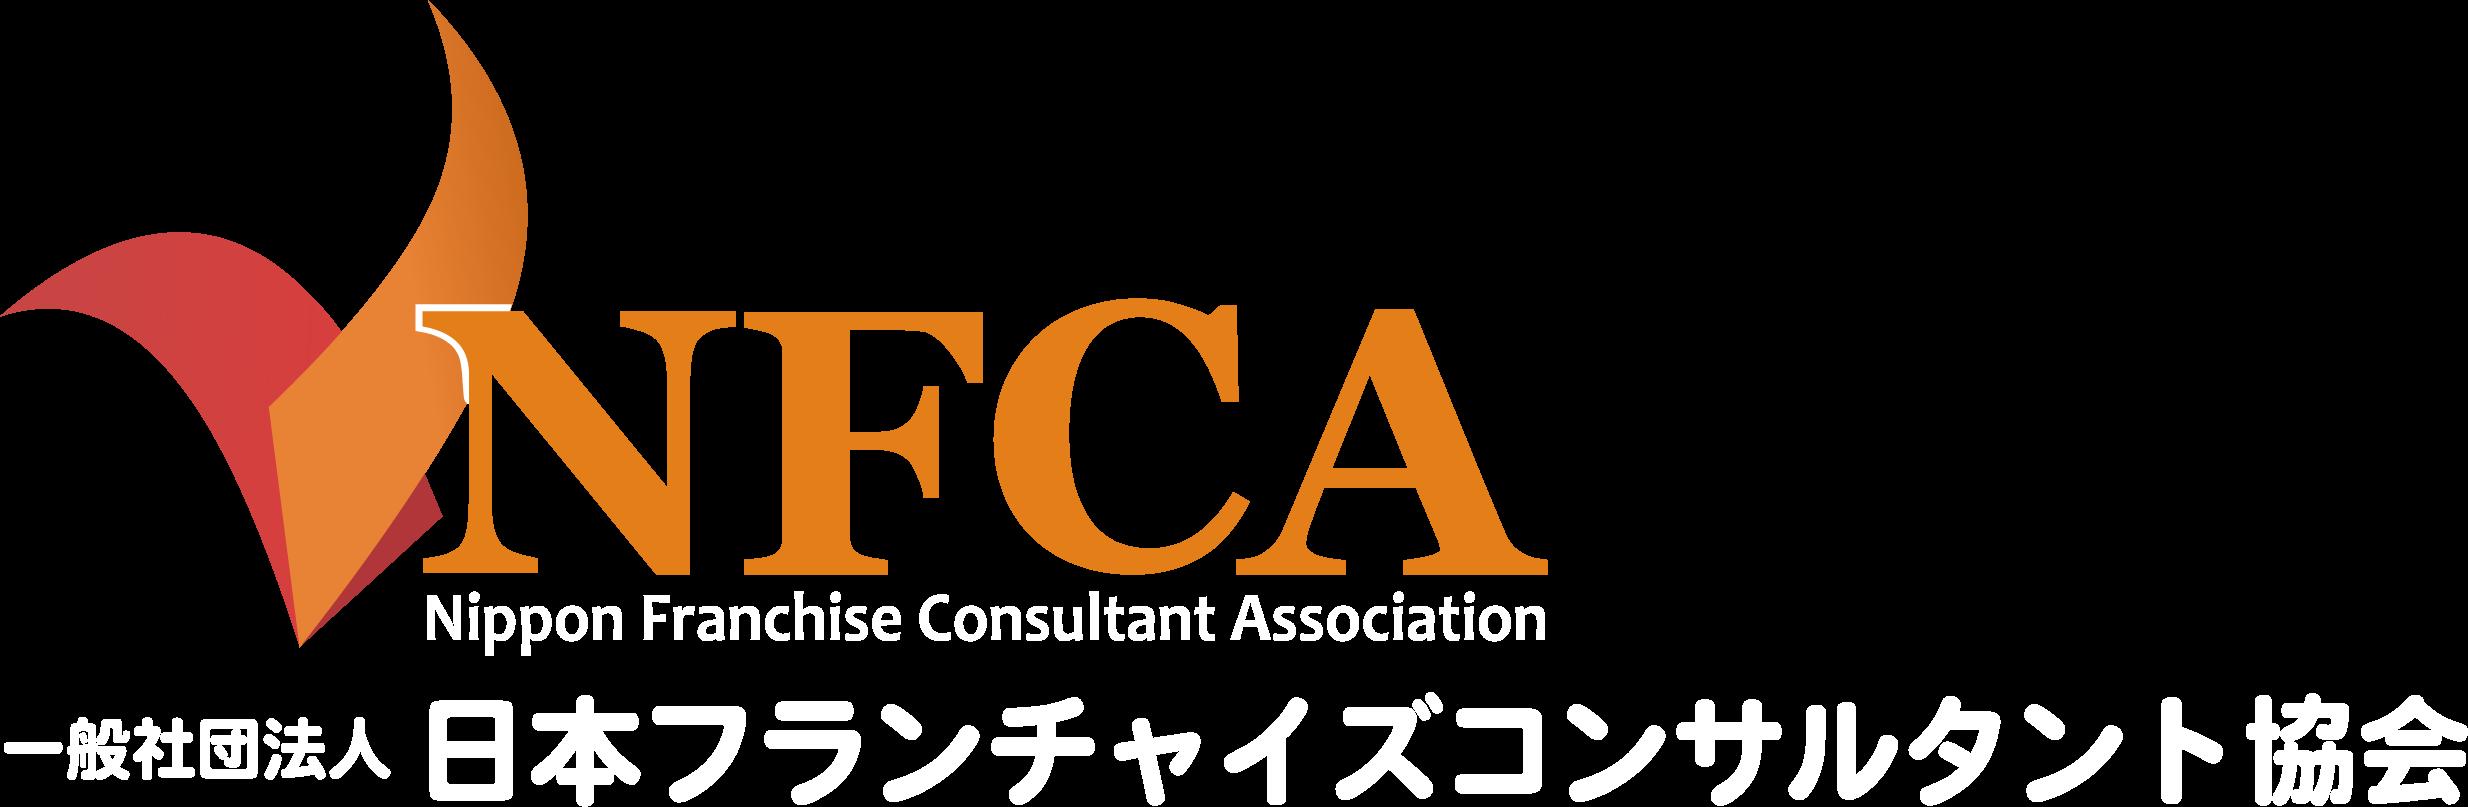 一般社団法人 日本フランチャイズコンサルタント協会